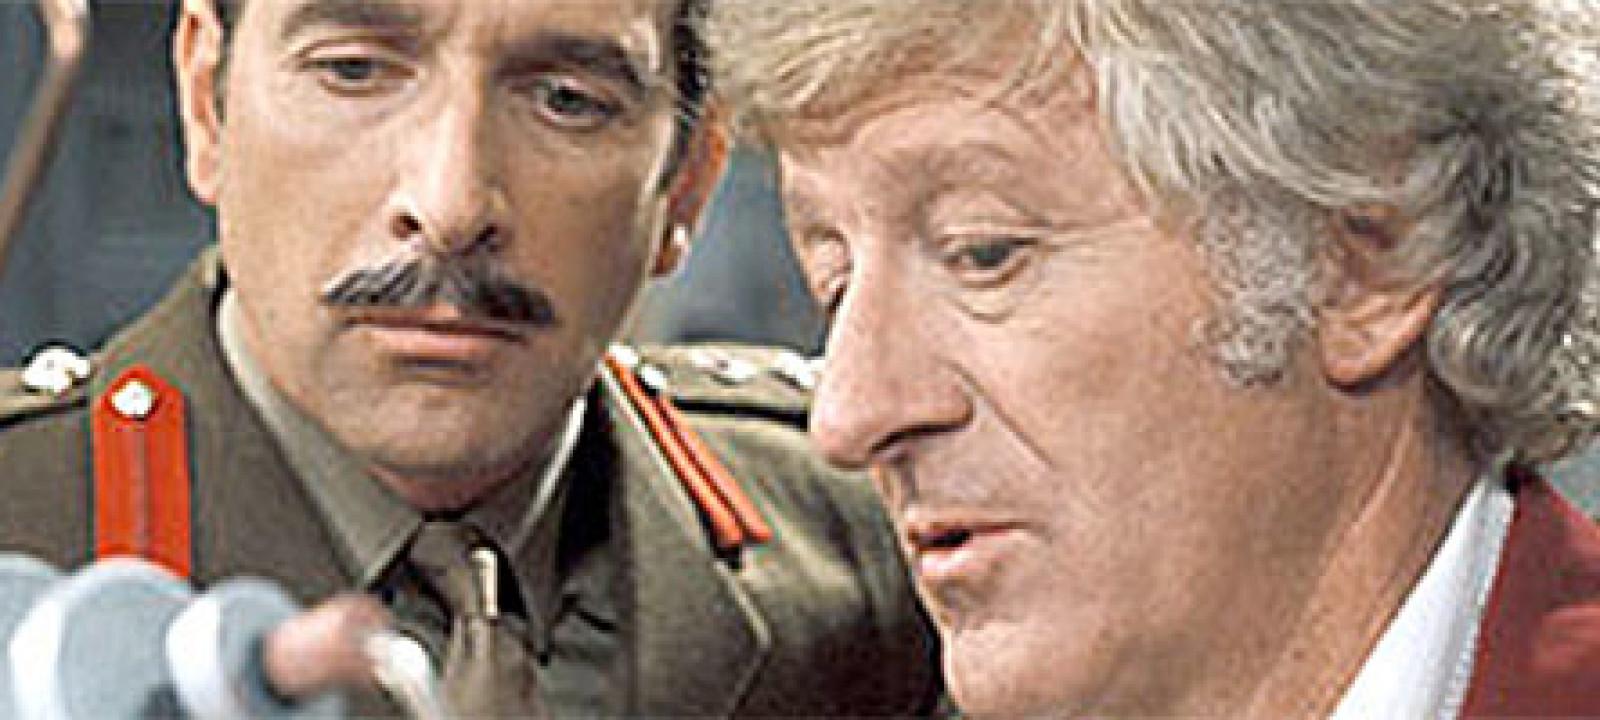 The Brigadier